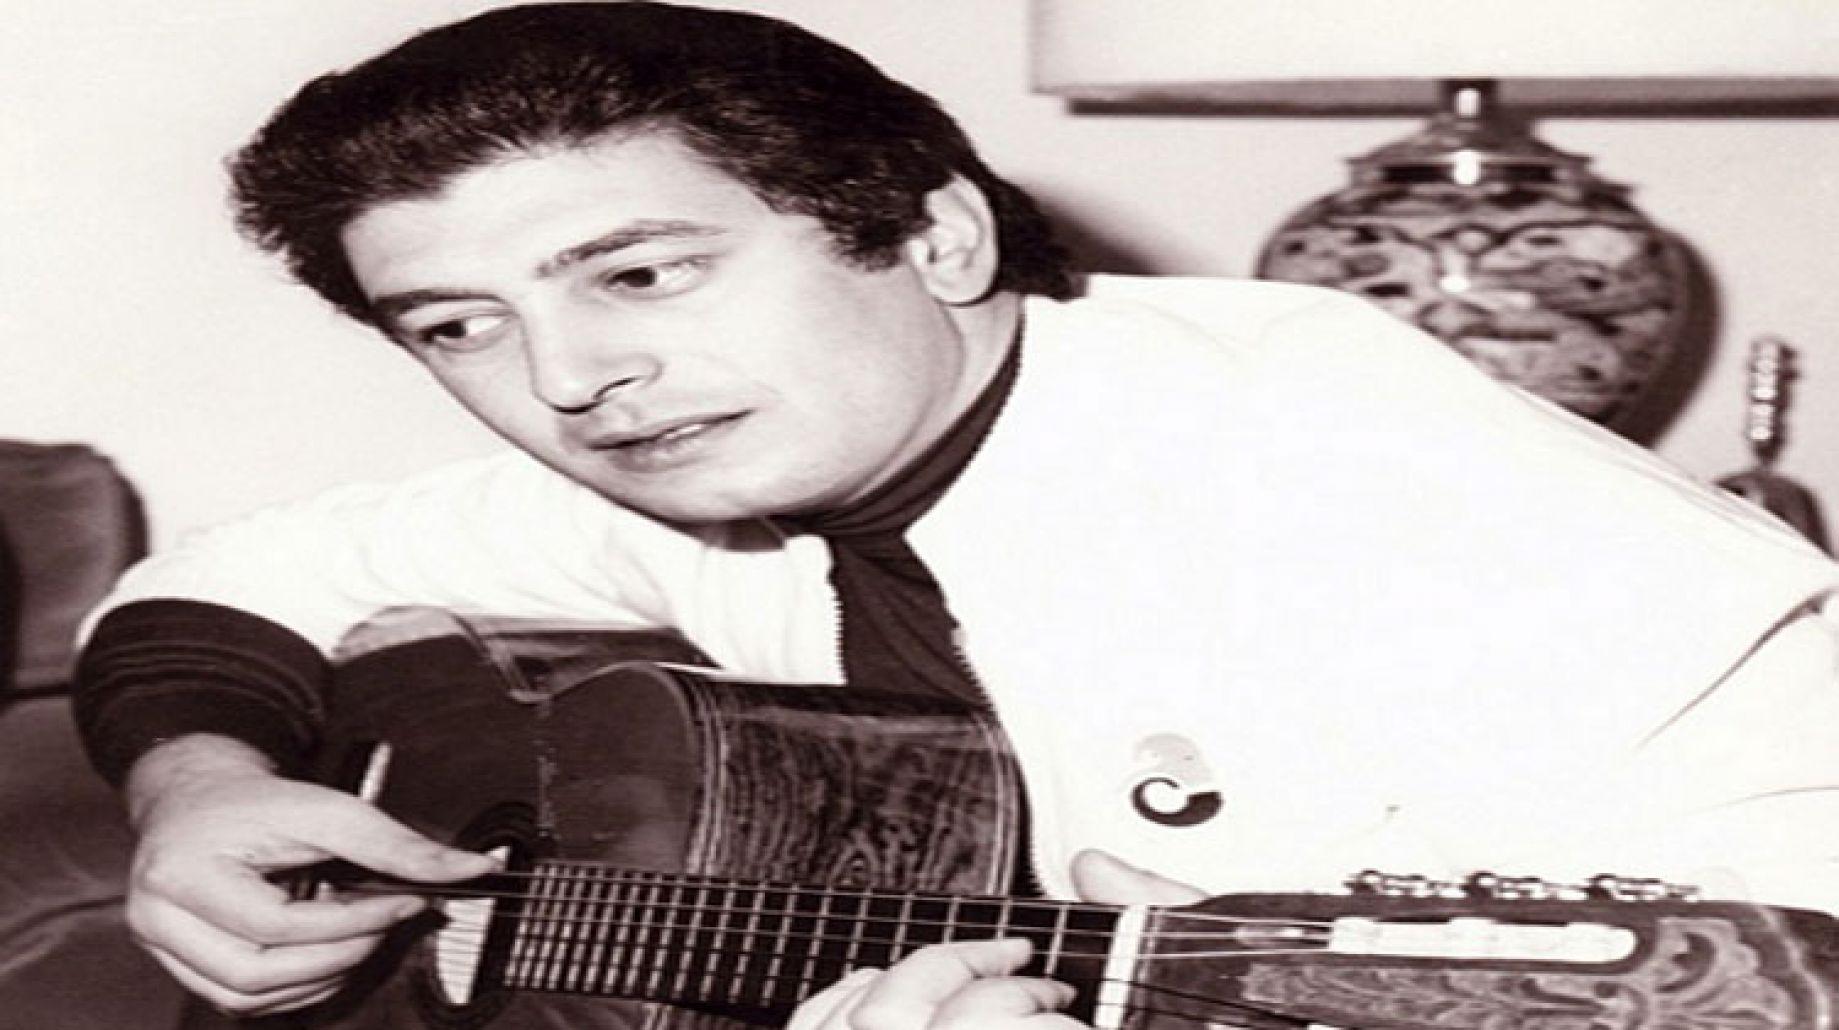 على شبانة فى ذكرى ميلاد عمر خوشيد : كان يتمتع بكاريزما ونجح فى الدمج بين الموسيقى الشرقية والغربية